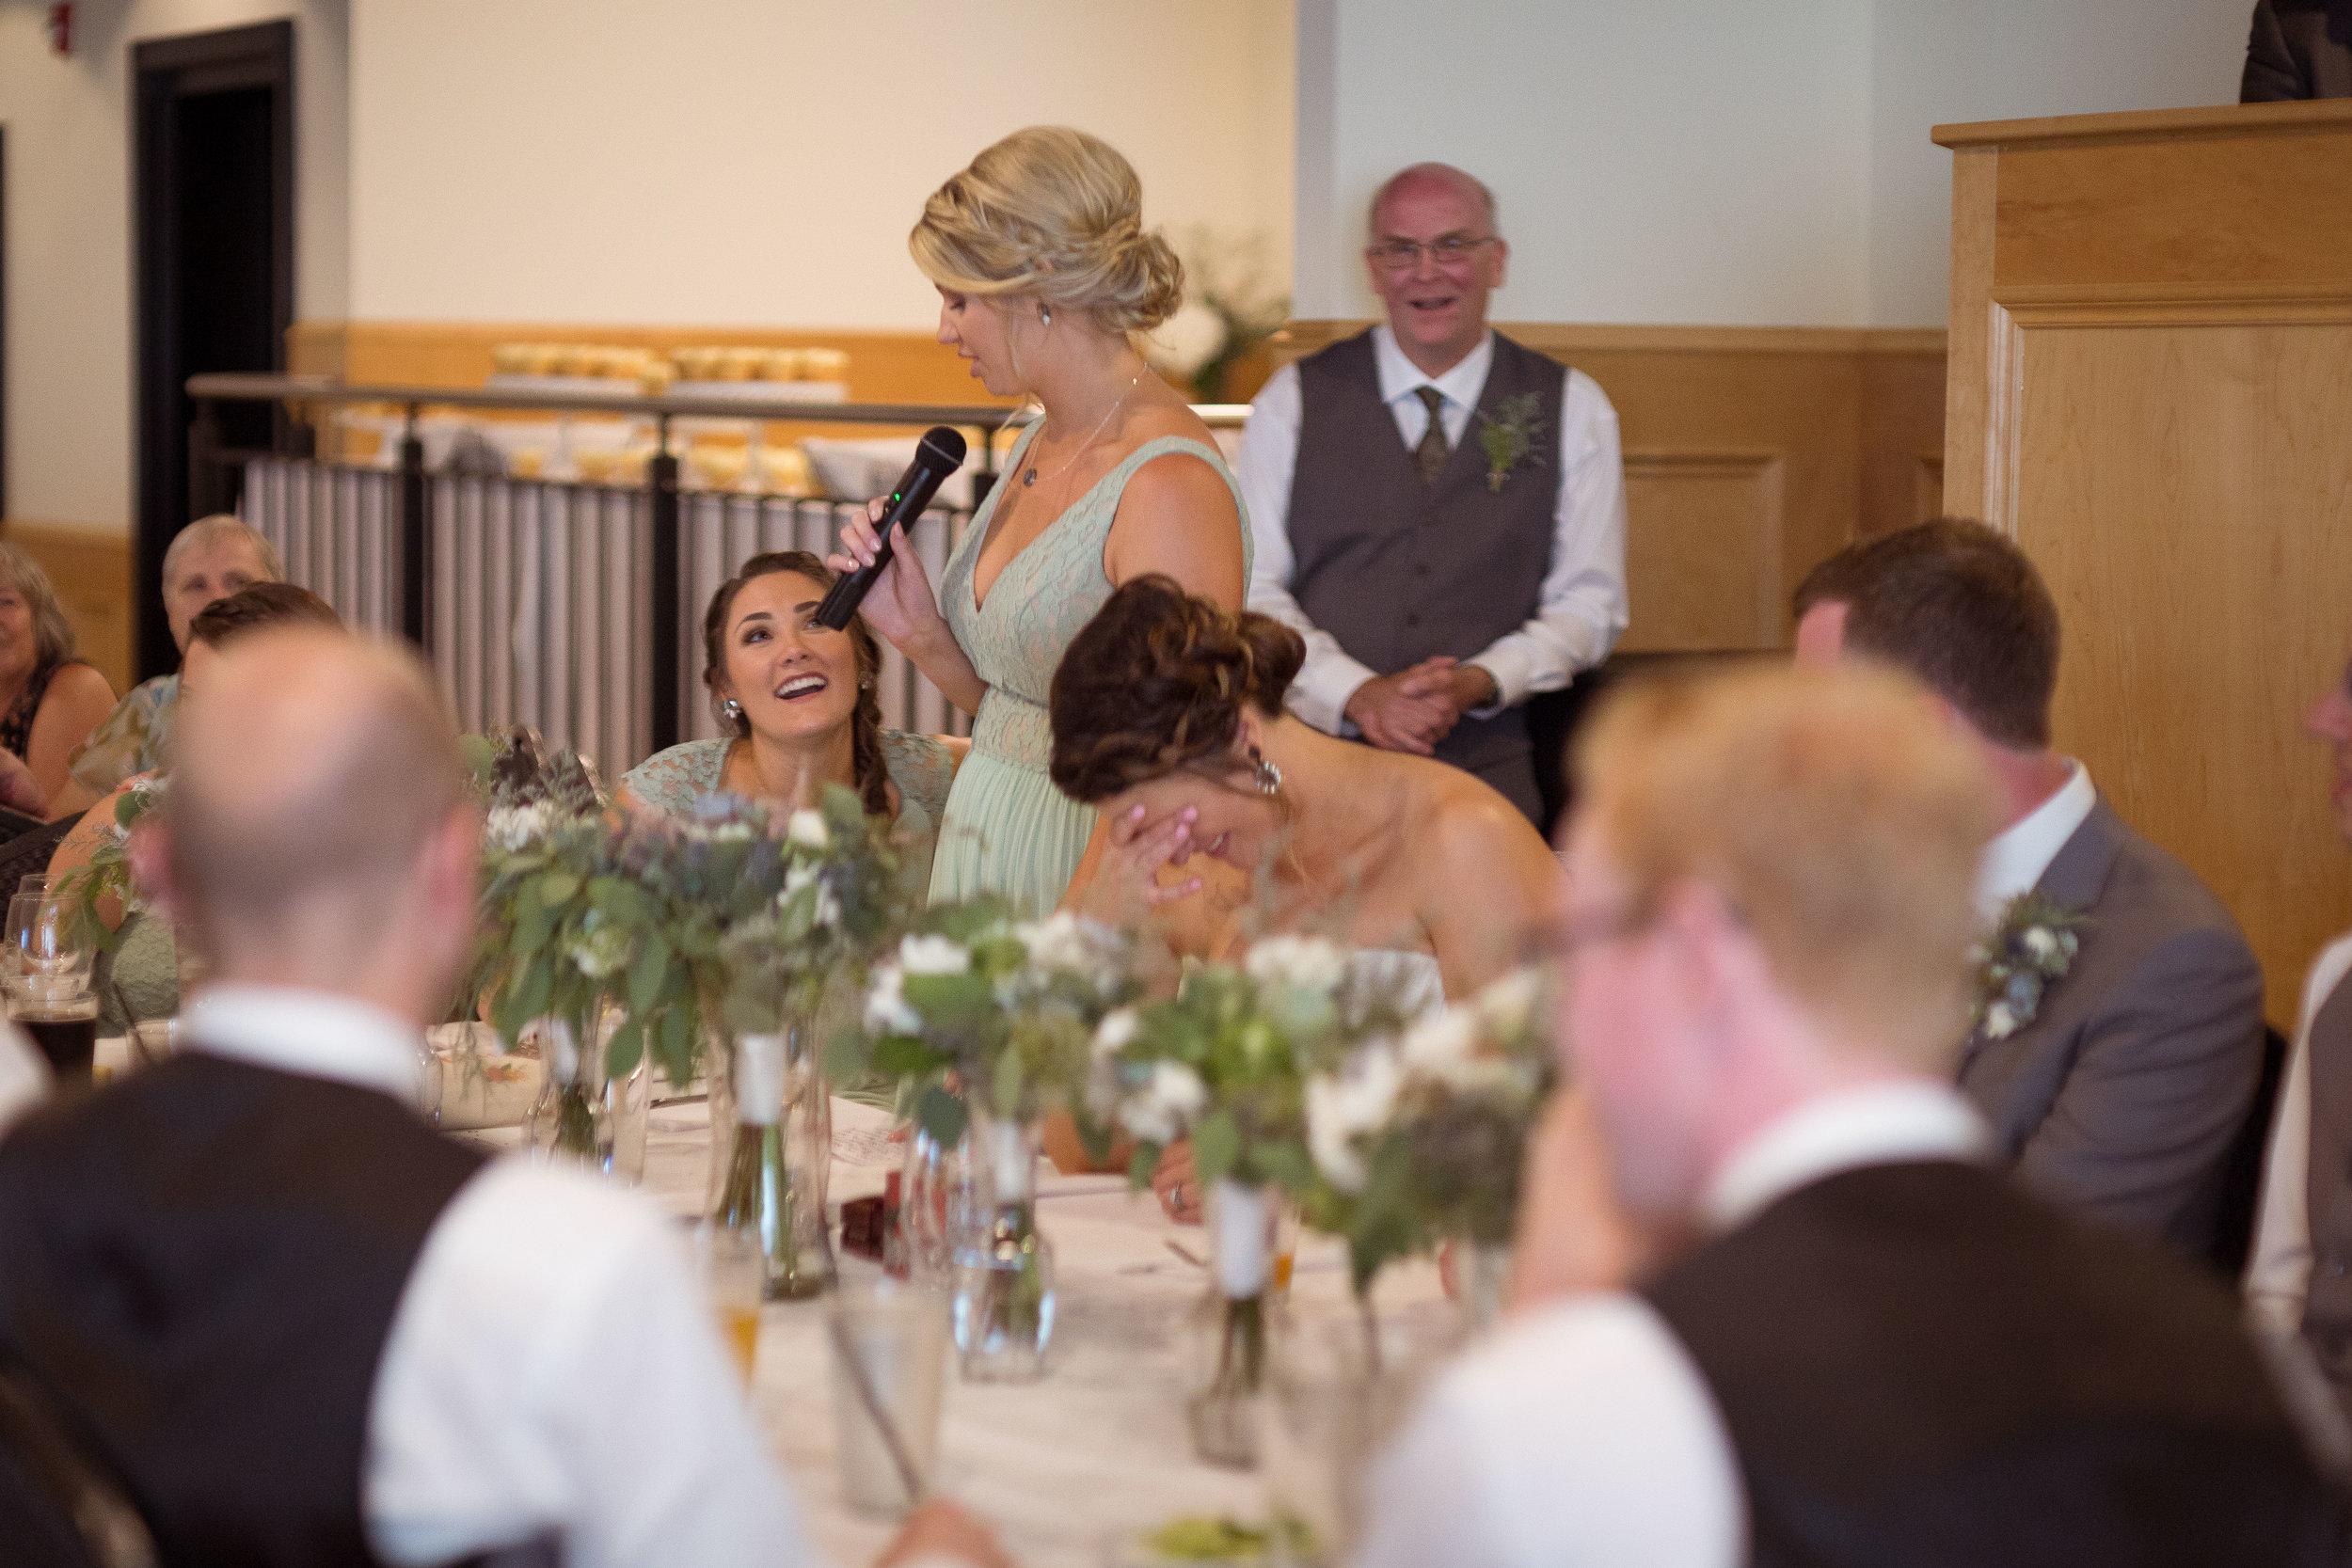 C_Wedding_Sarver, Alyssa & Scott_FOR BLOG-169.JPG